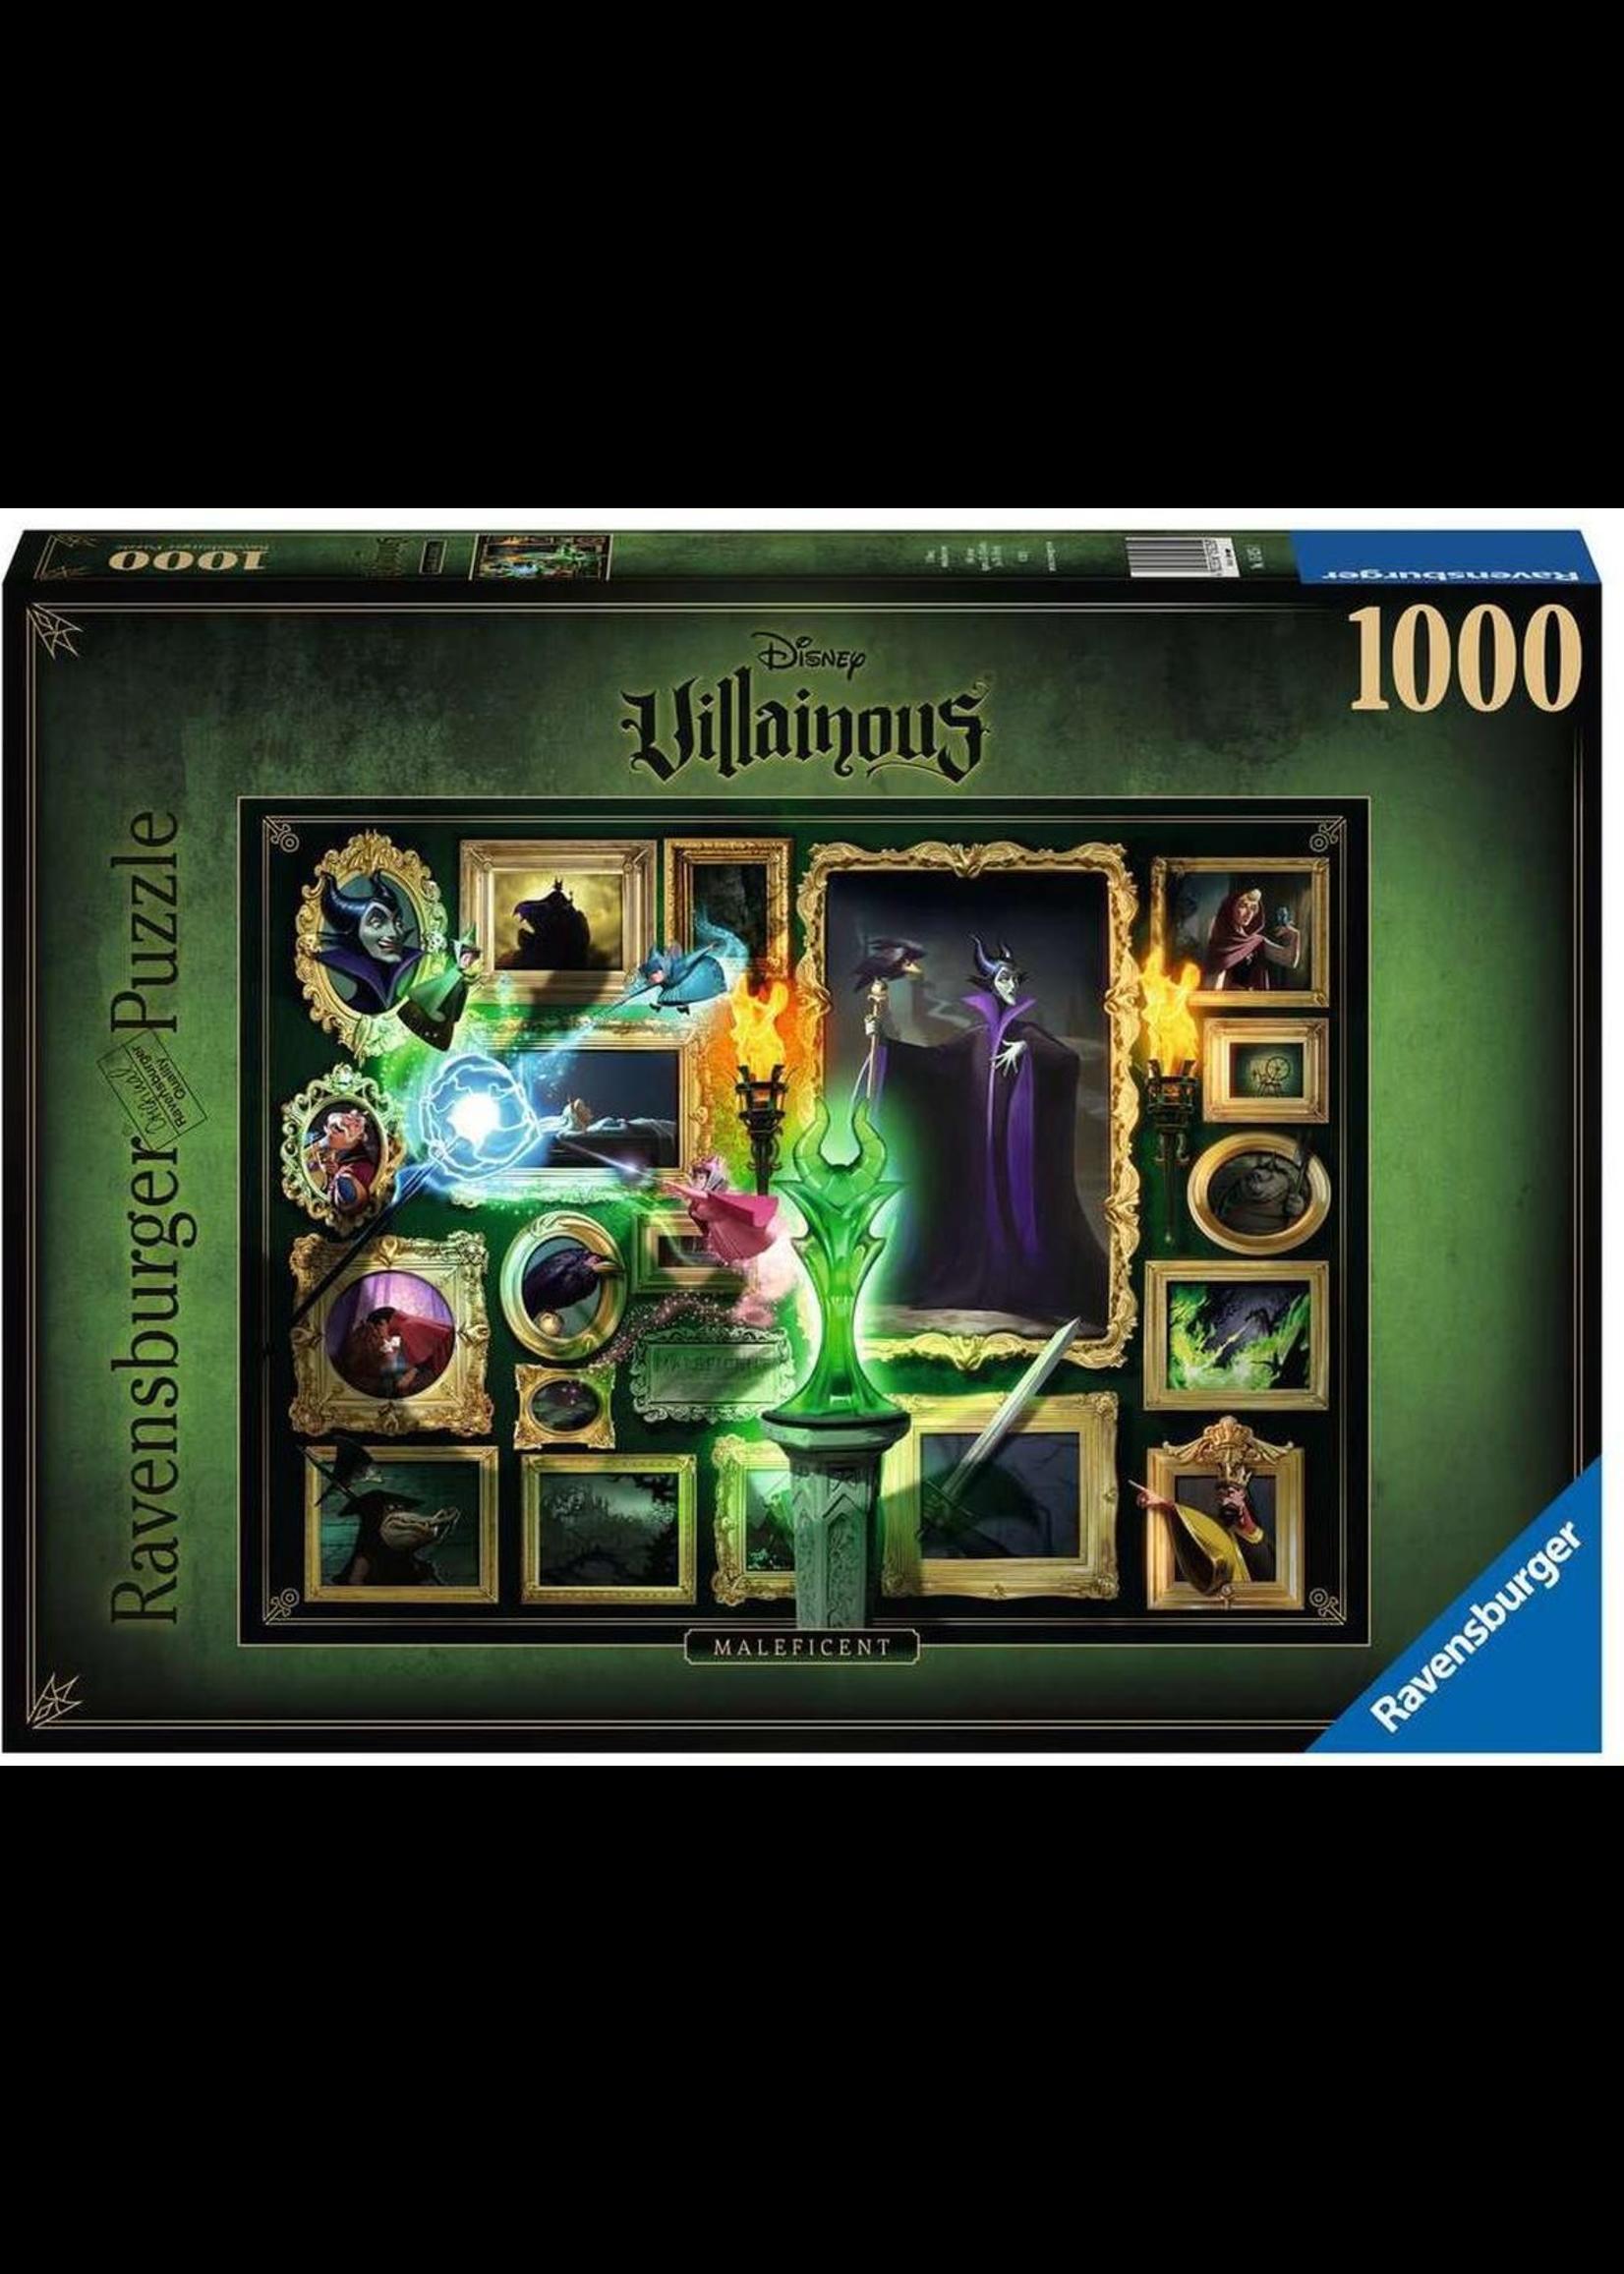 Disney Villainous - Malificent (1000)